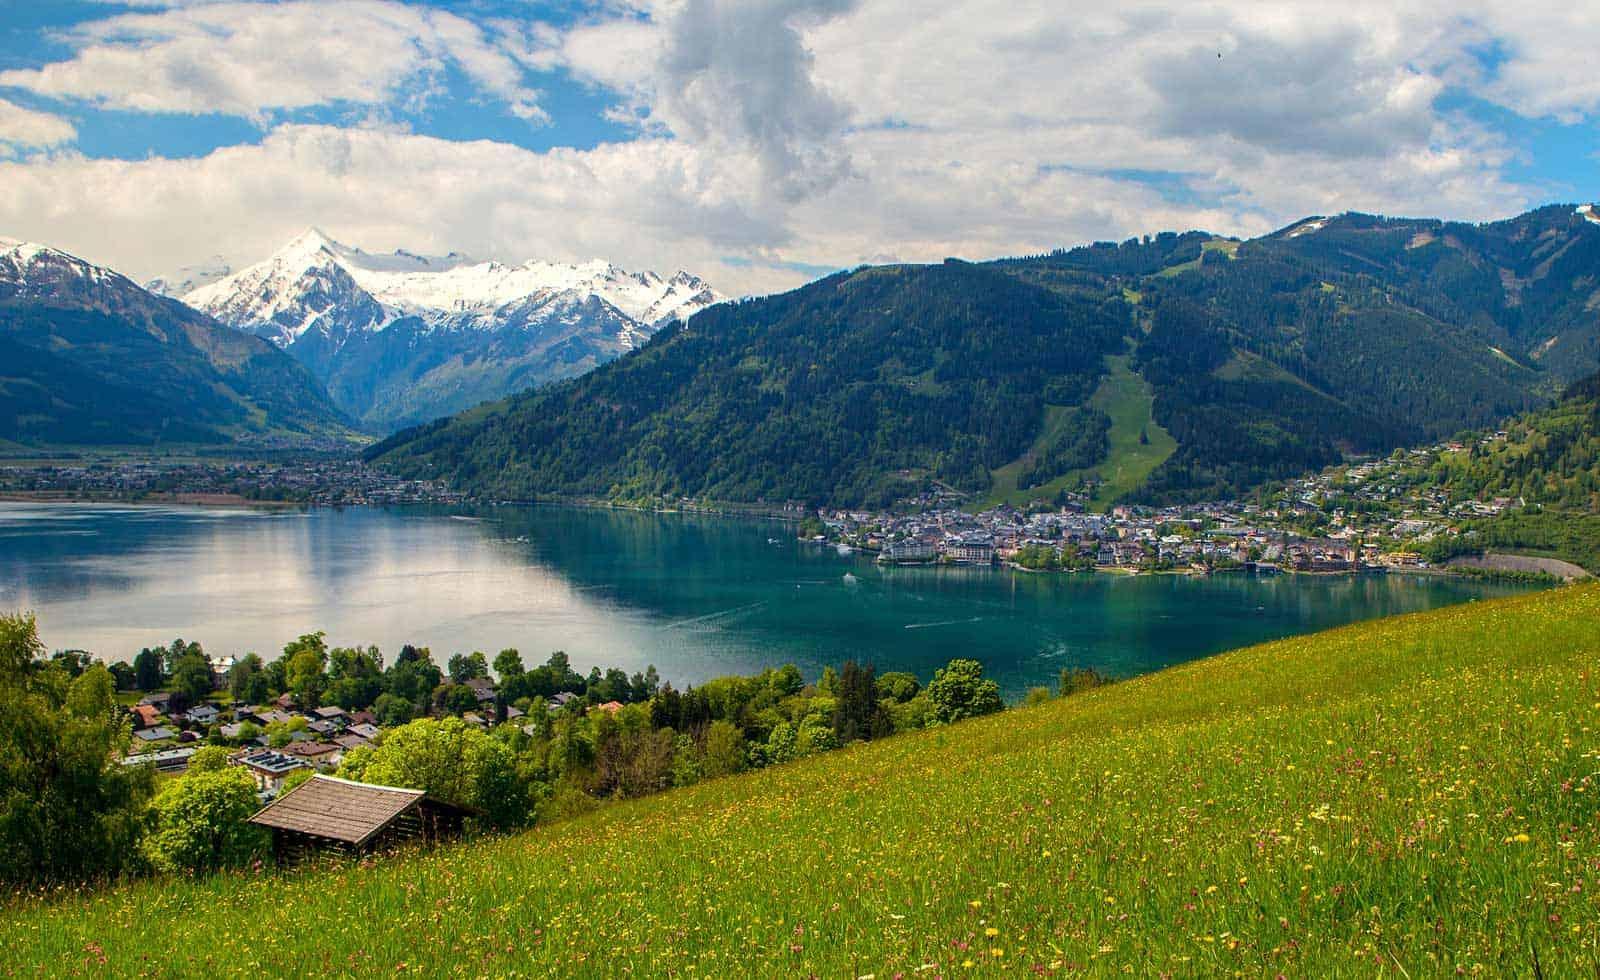 افضل 5 شاليهات كابرون النمسا 2020